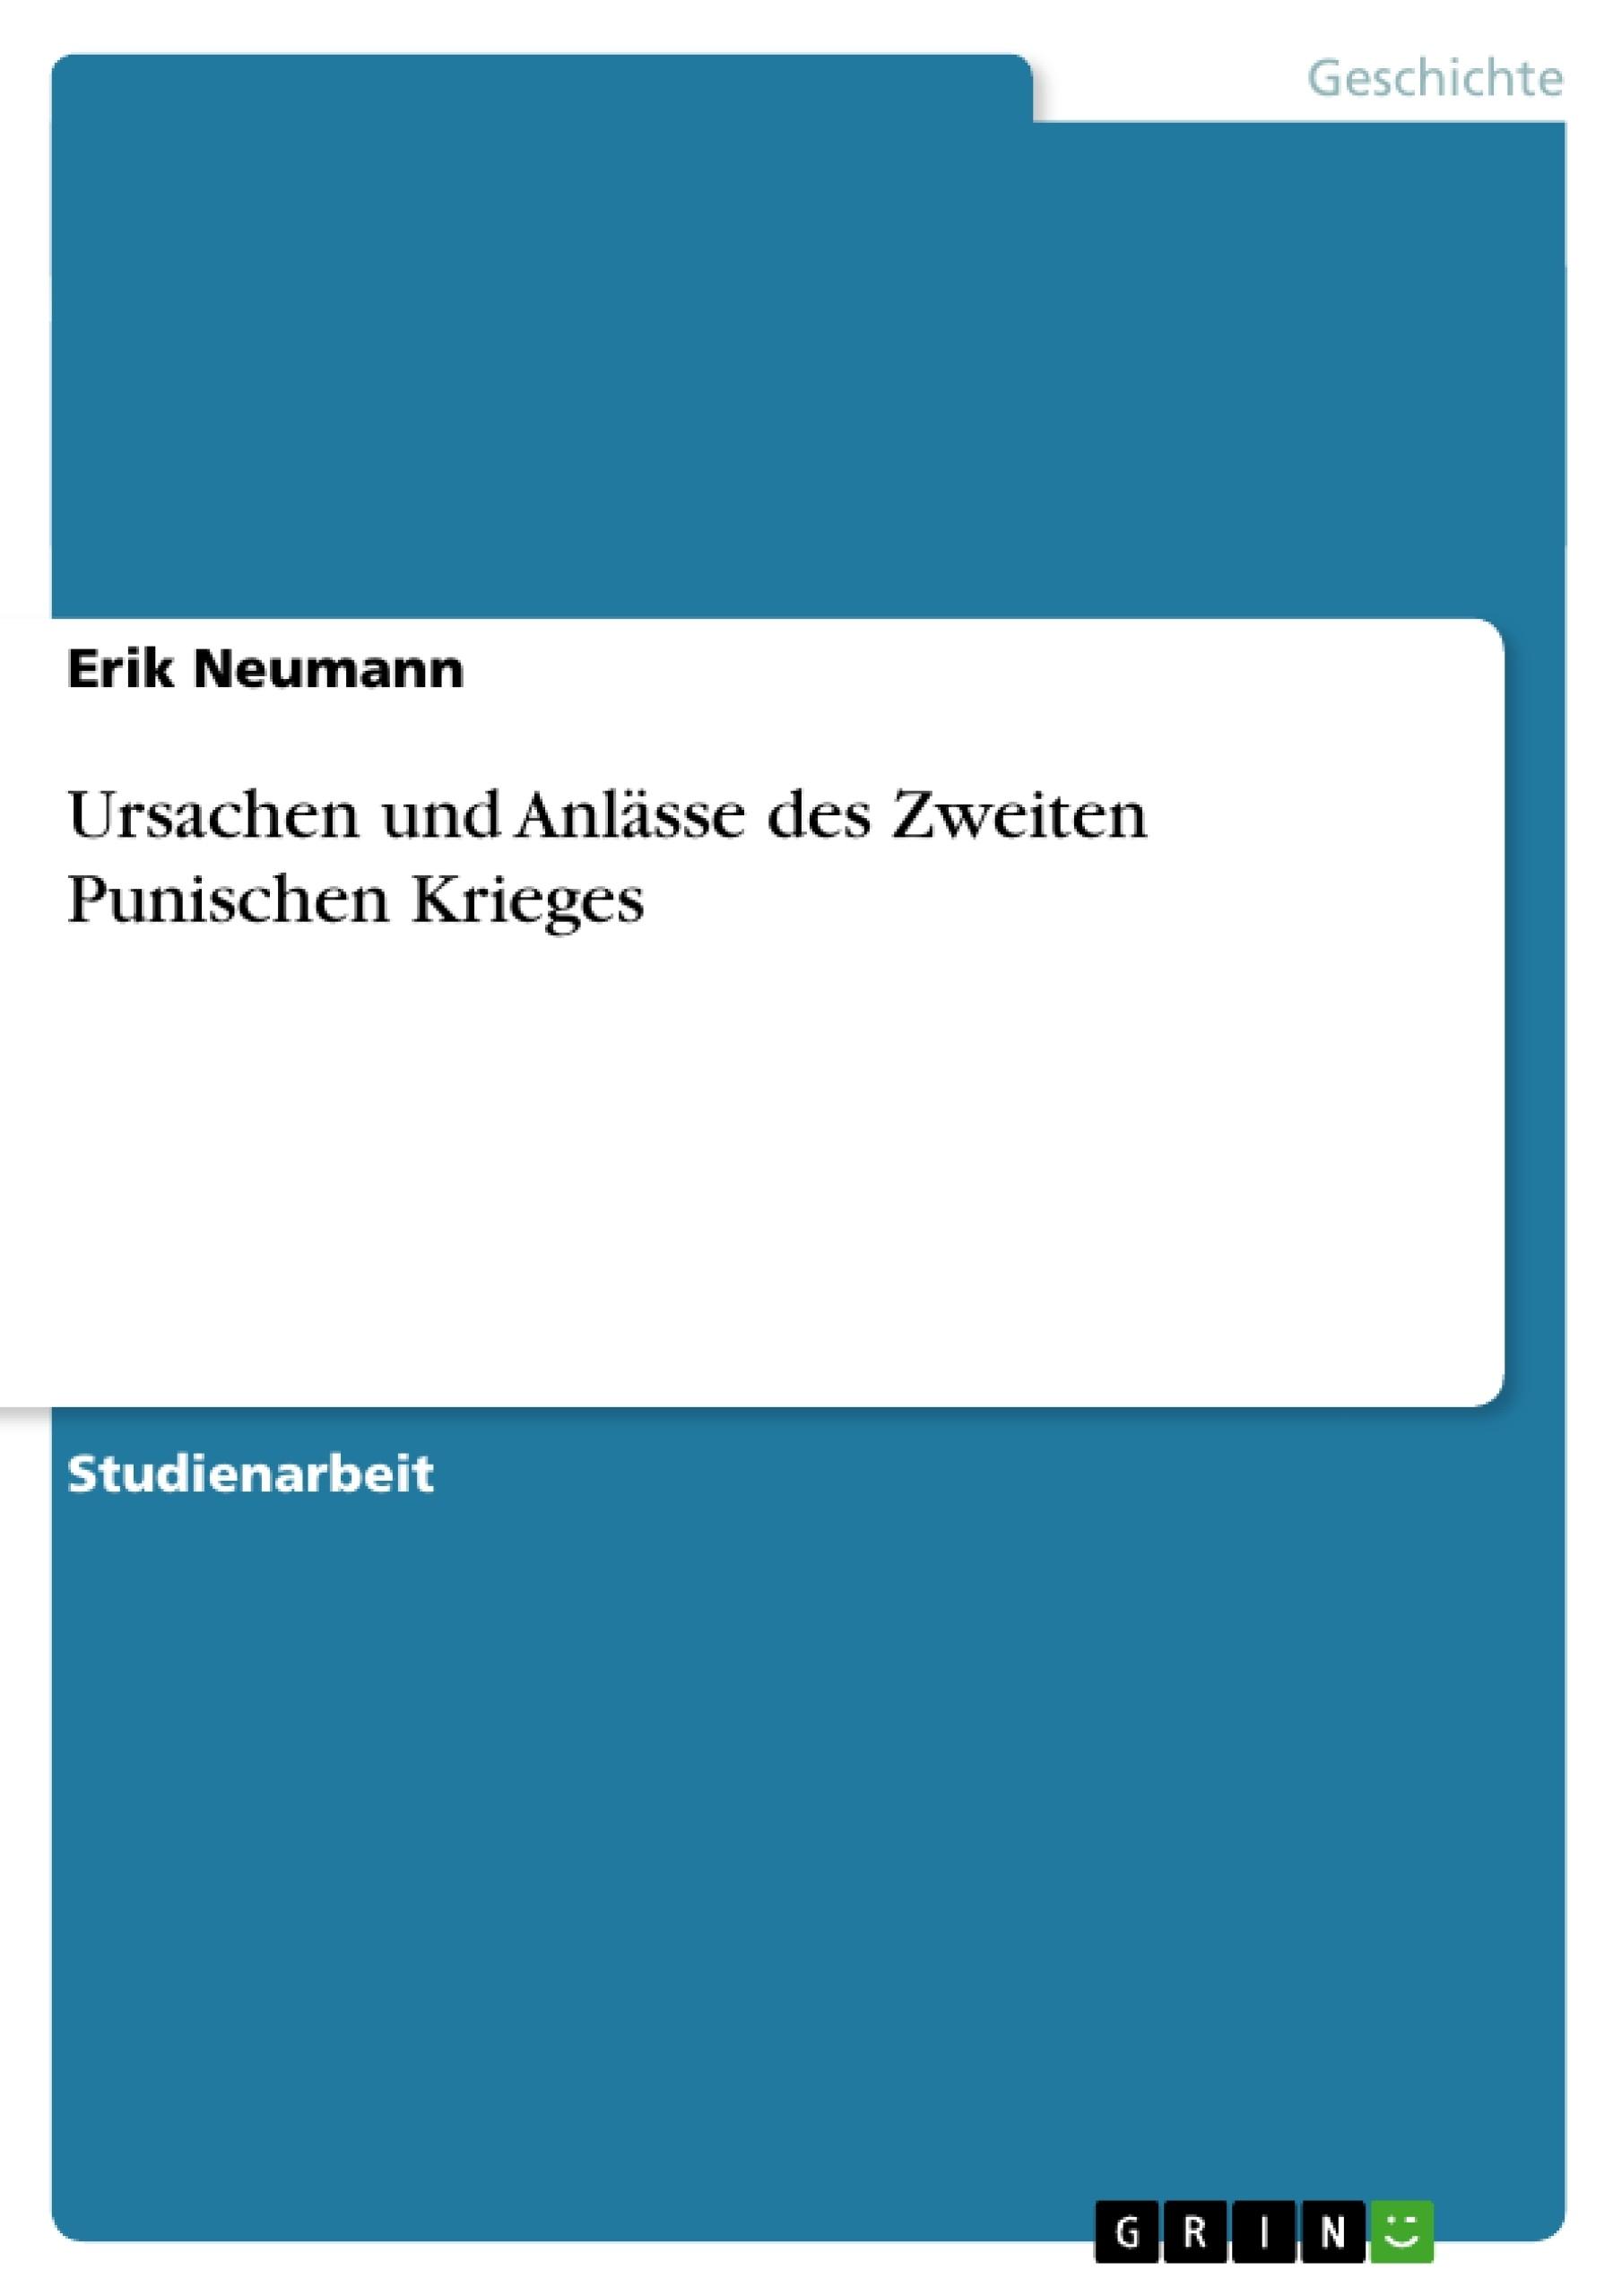 Titel: Ursachen und Anlässe des Zweiten Punischen Krieges